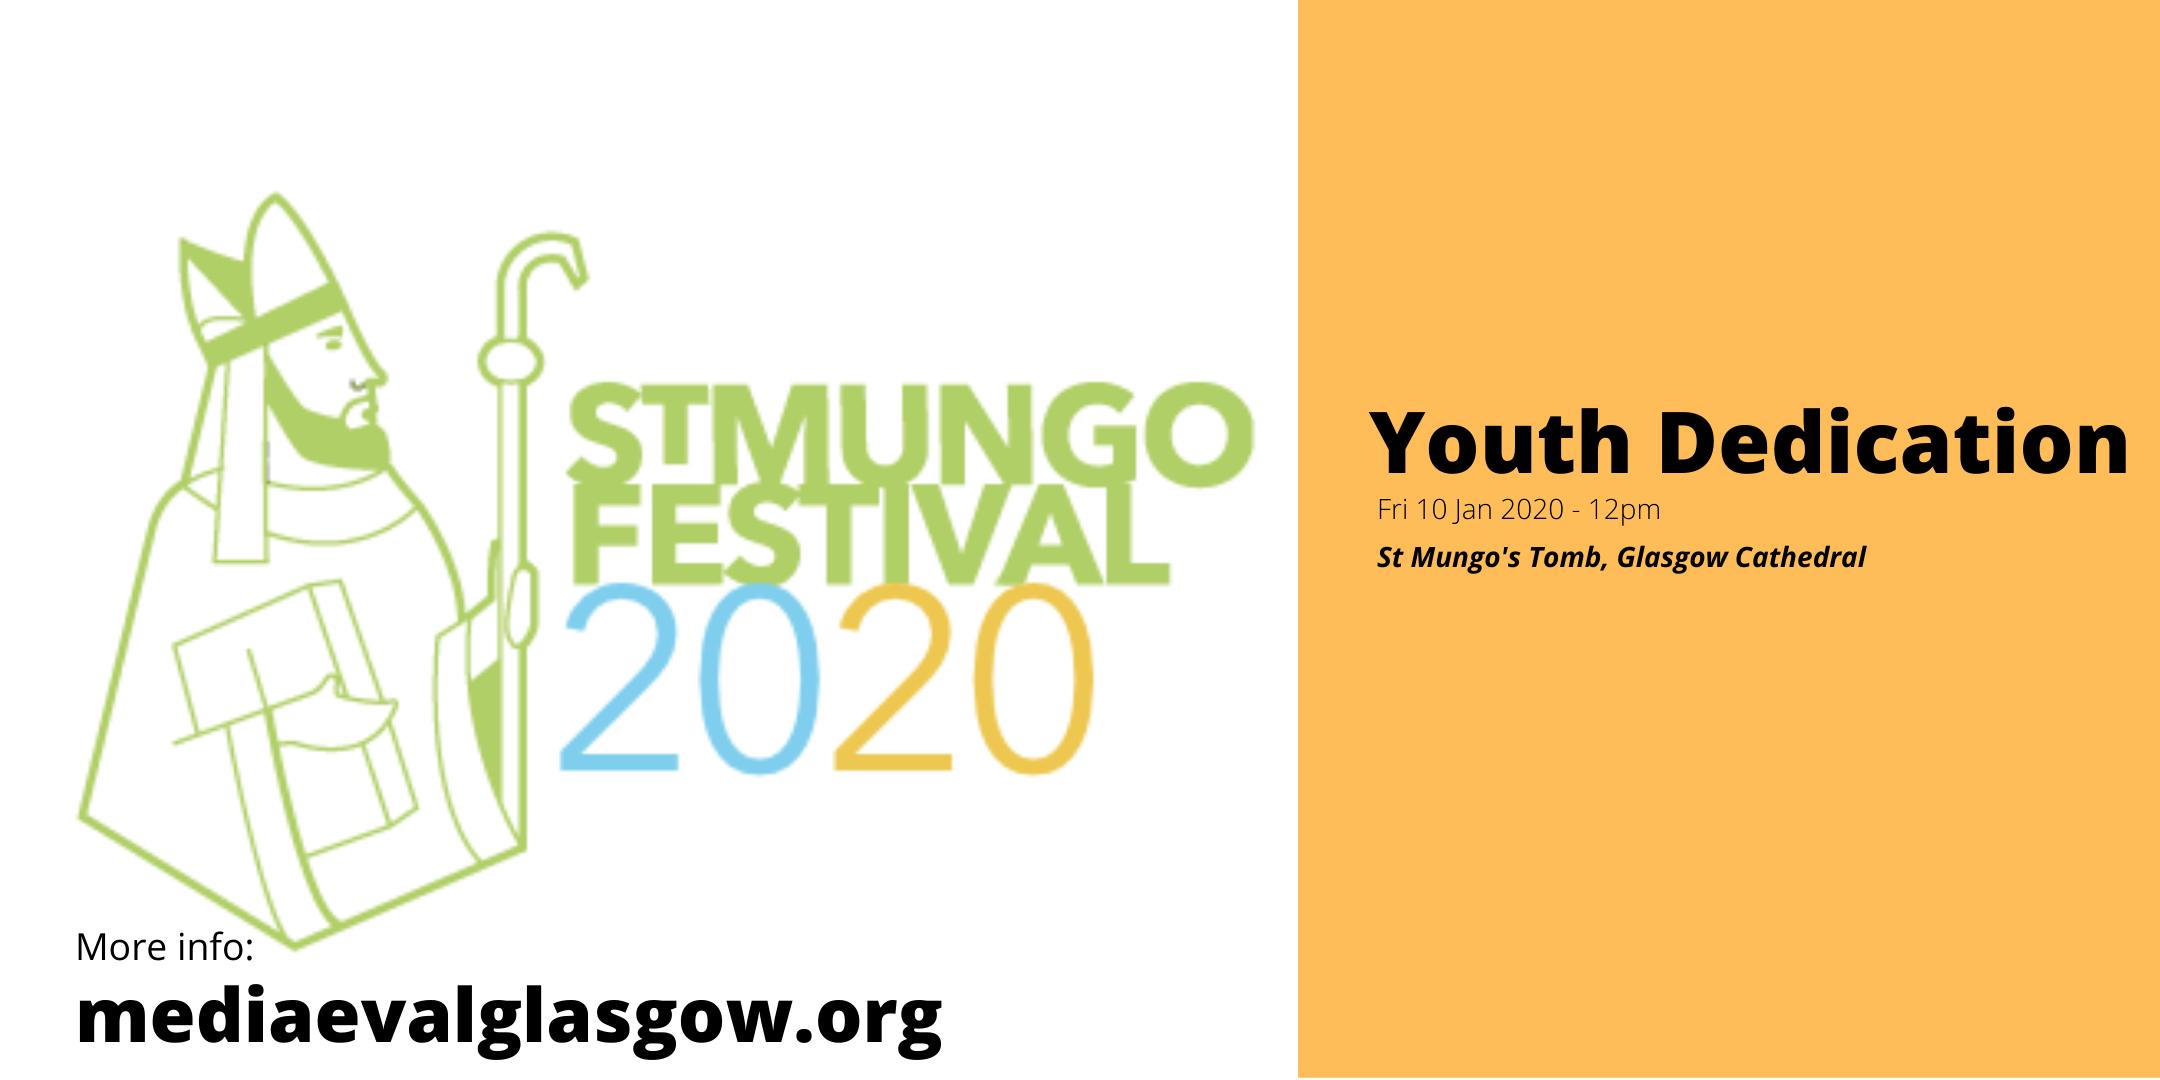 St Mungo 2020 - YOUTH DEDICATION